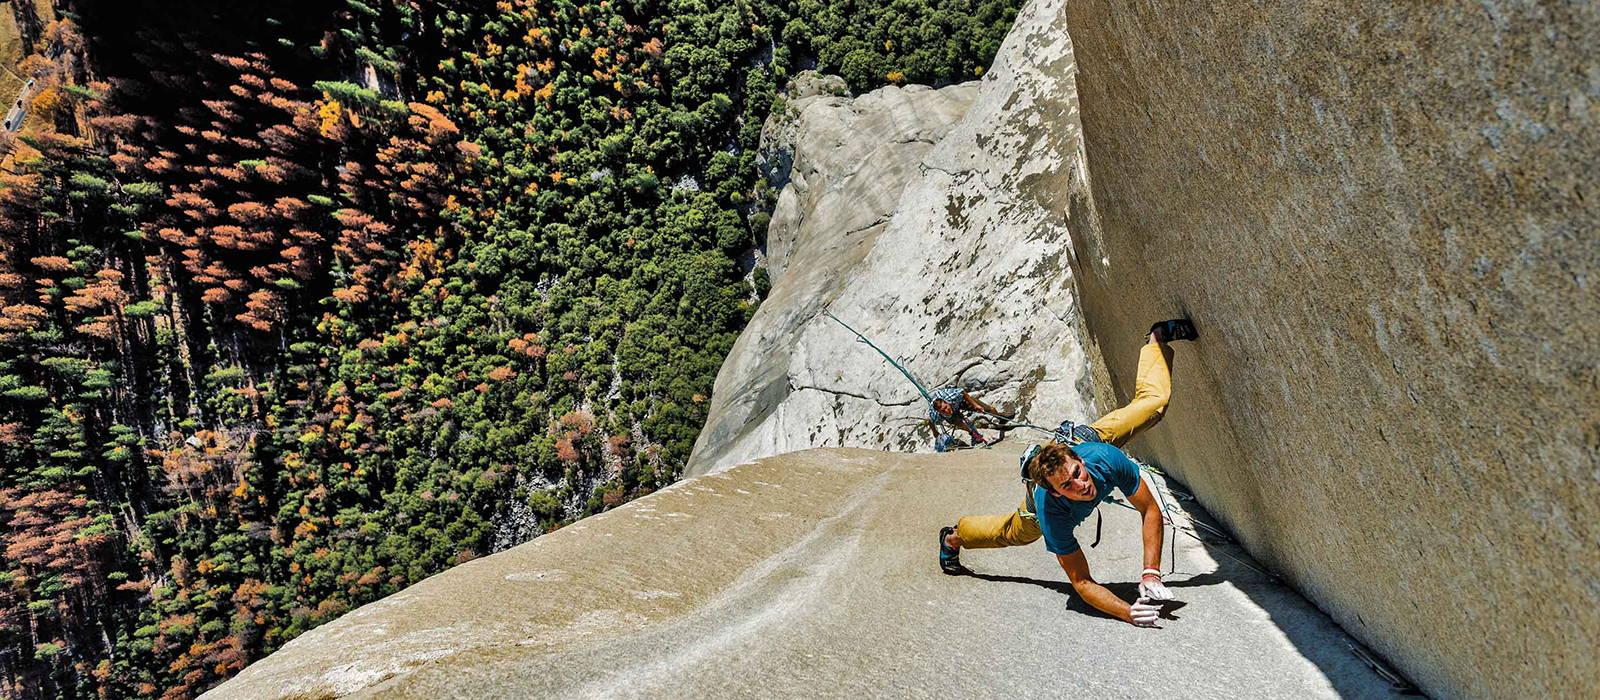 Patagonia models rock climbing